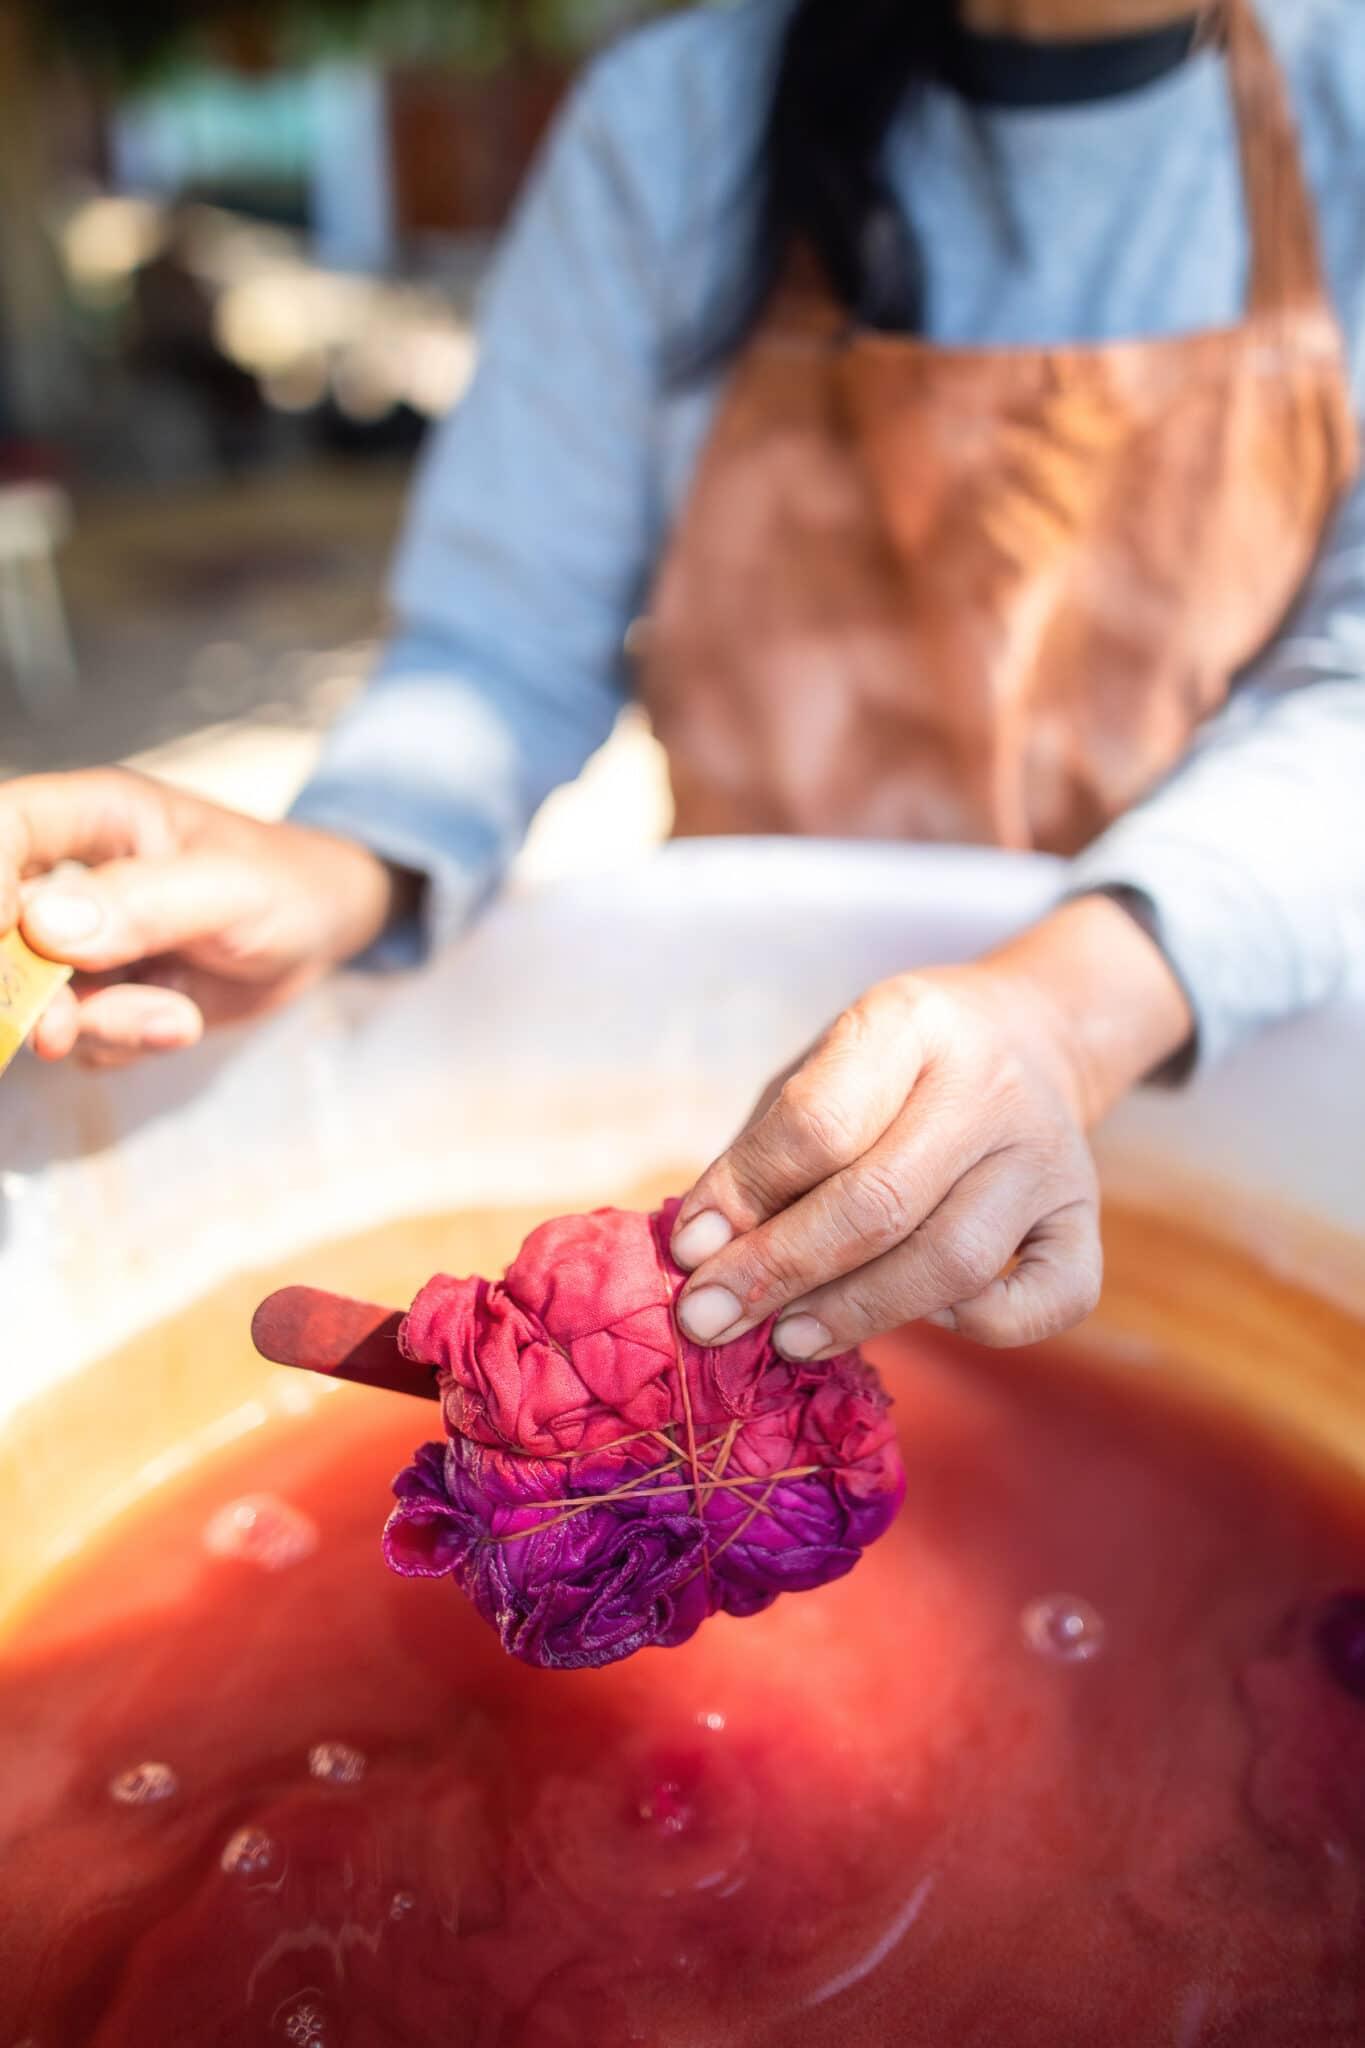 Ein Stoffbündel nach dem Eintauchen in rosa Farbstoff.